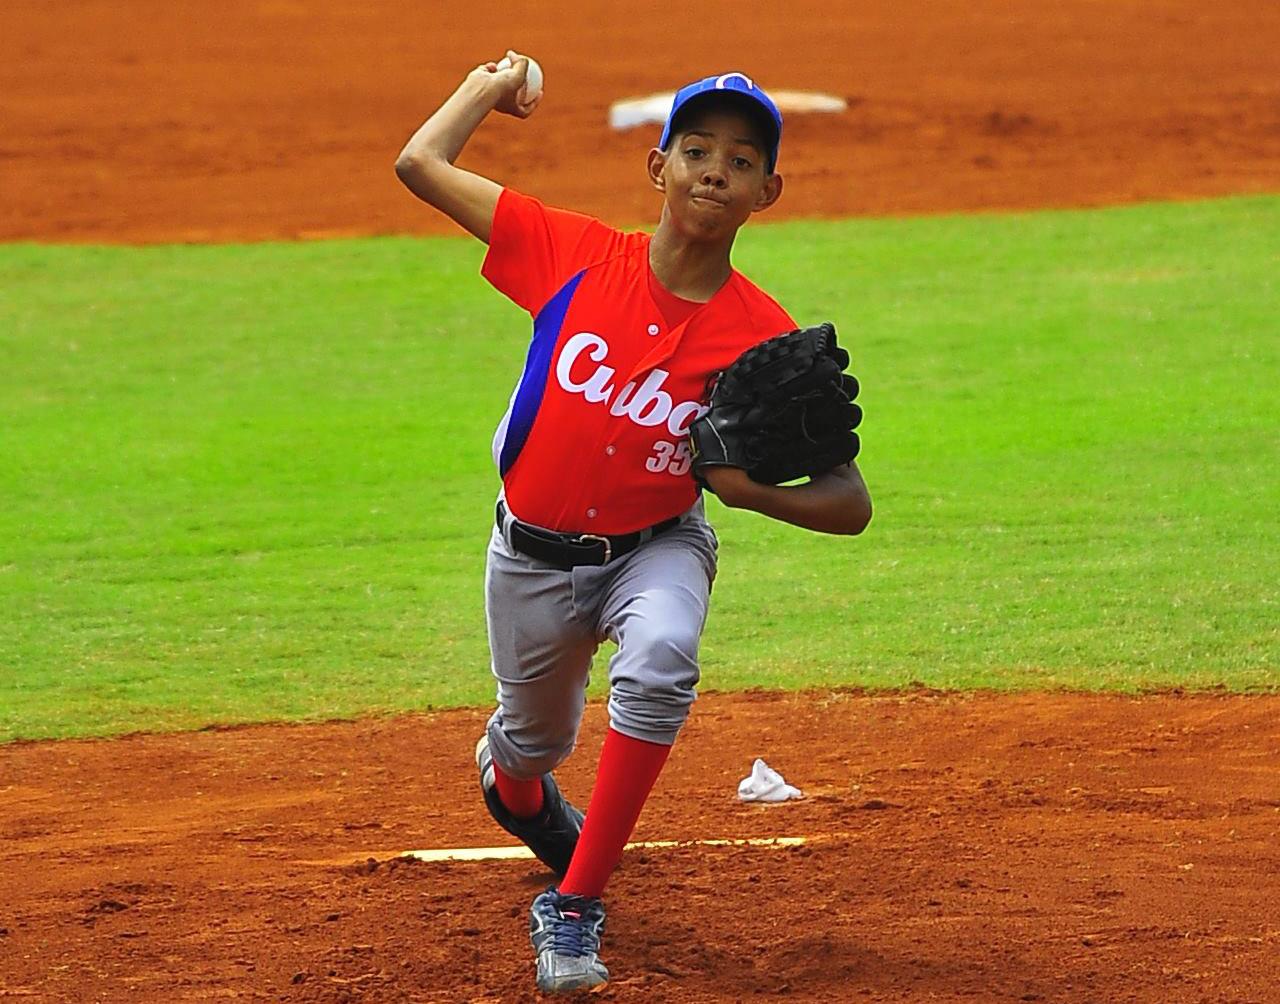 Cuba clasificó segundo para la siguiente ronda del Mundial Sub 12